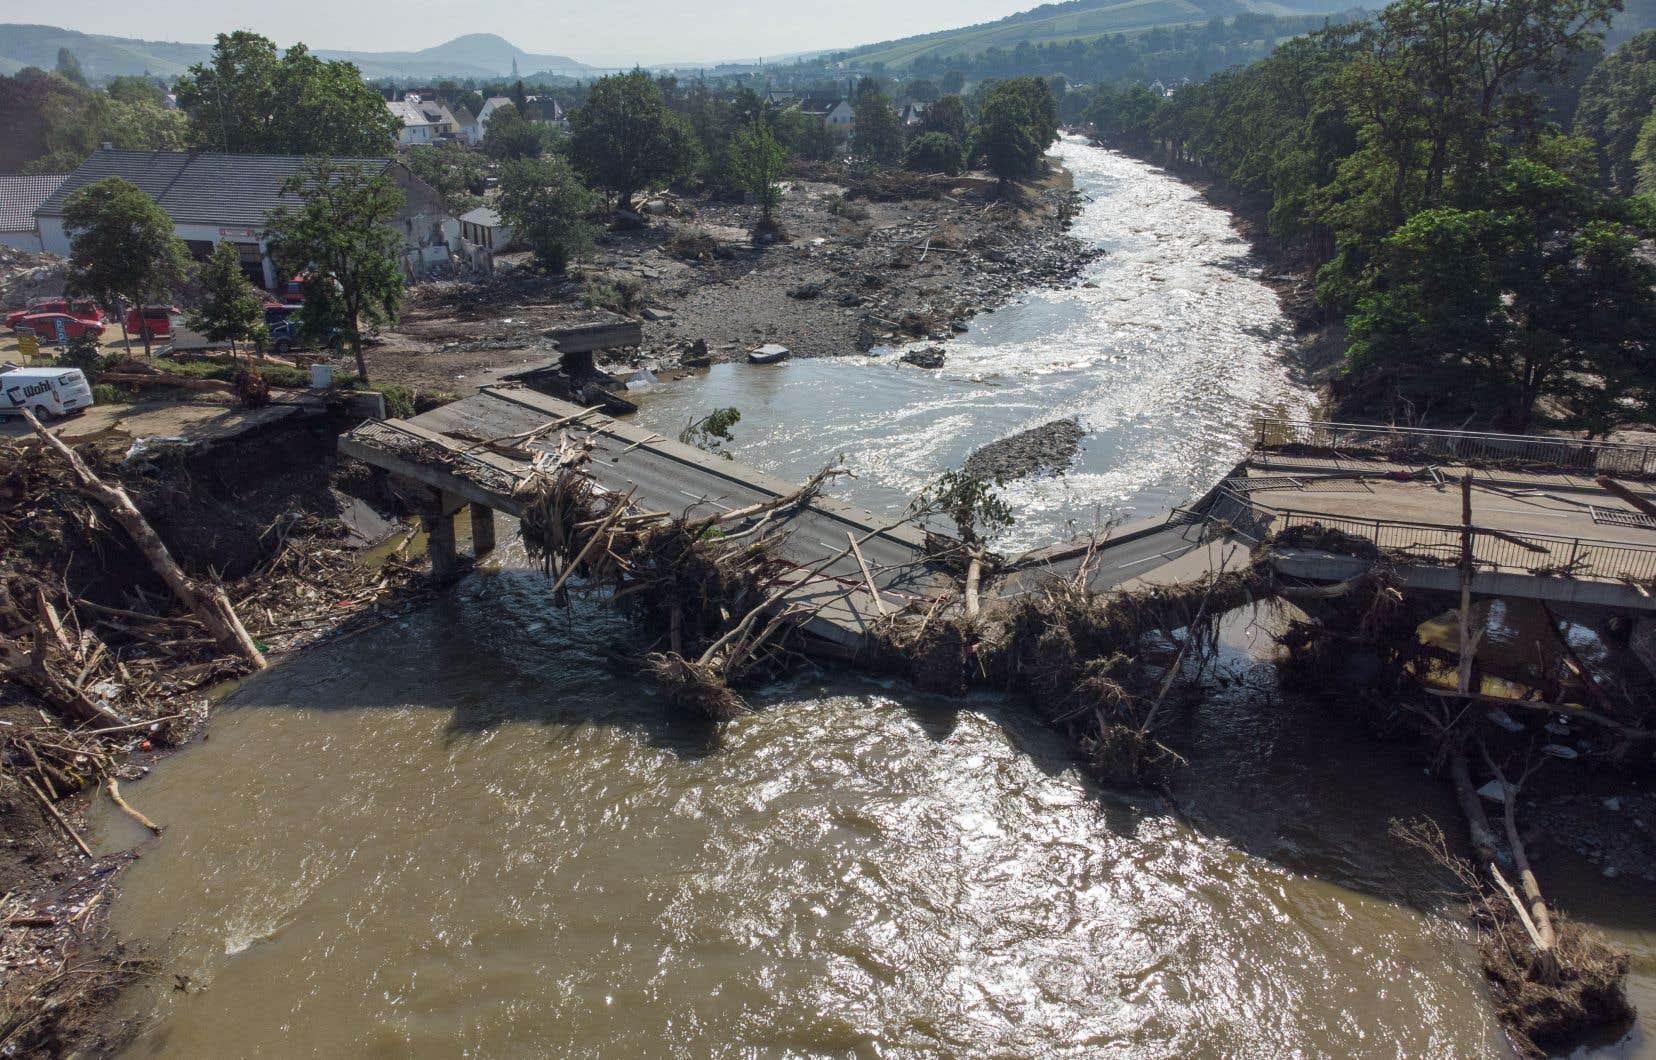 Depuis jeudi et les premières images de destructions, comme si un tsunami avait ravagé certains villages, plusieurs responsables politiques européens ont clairement fait un lien entre dérèglement climatique et intempéries.